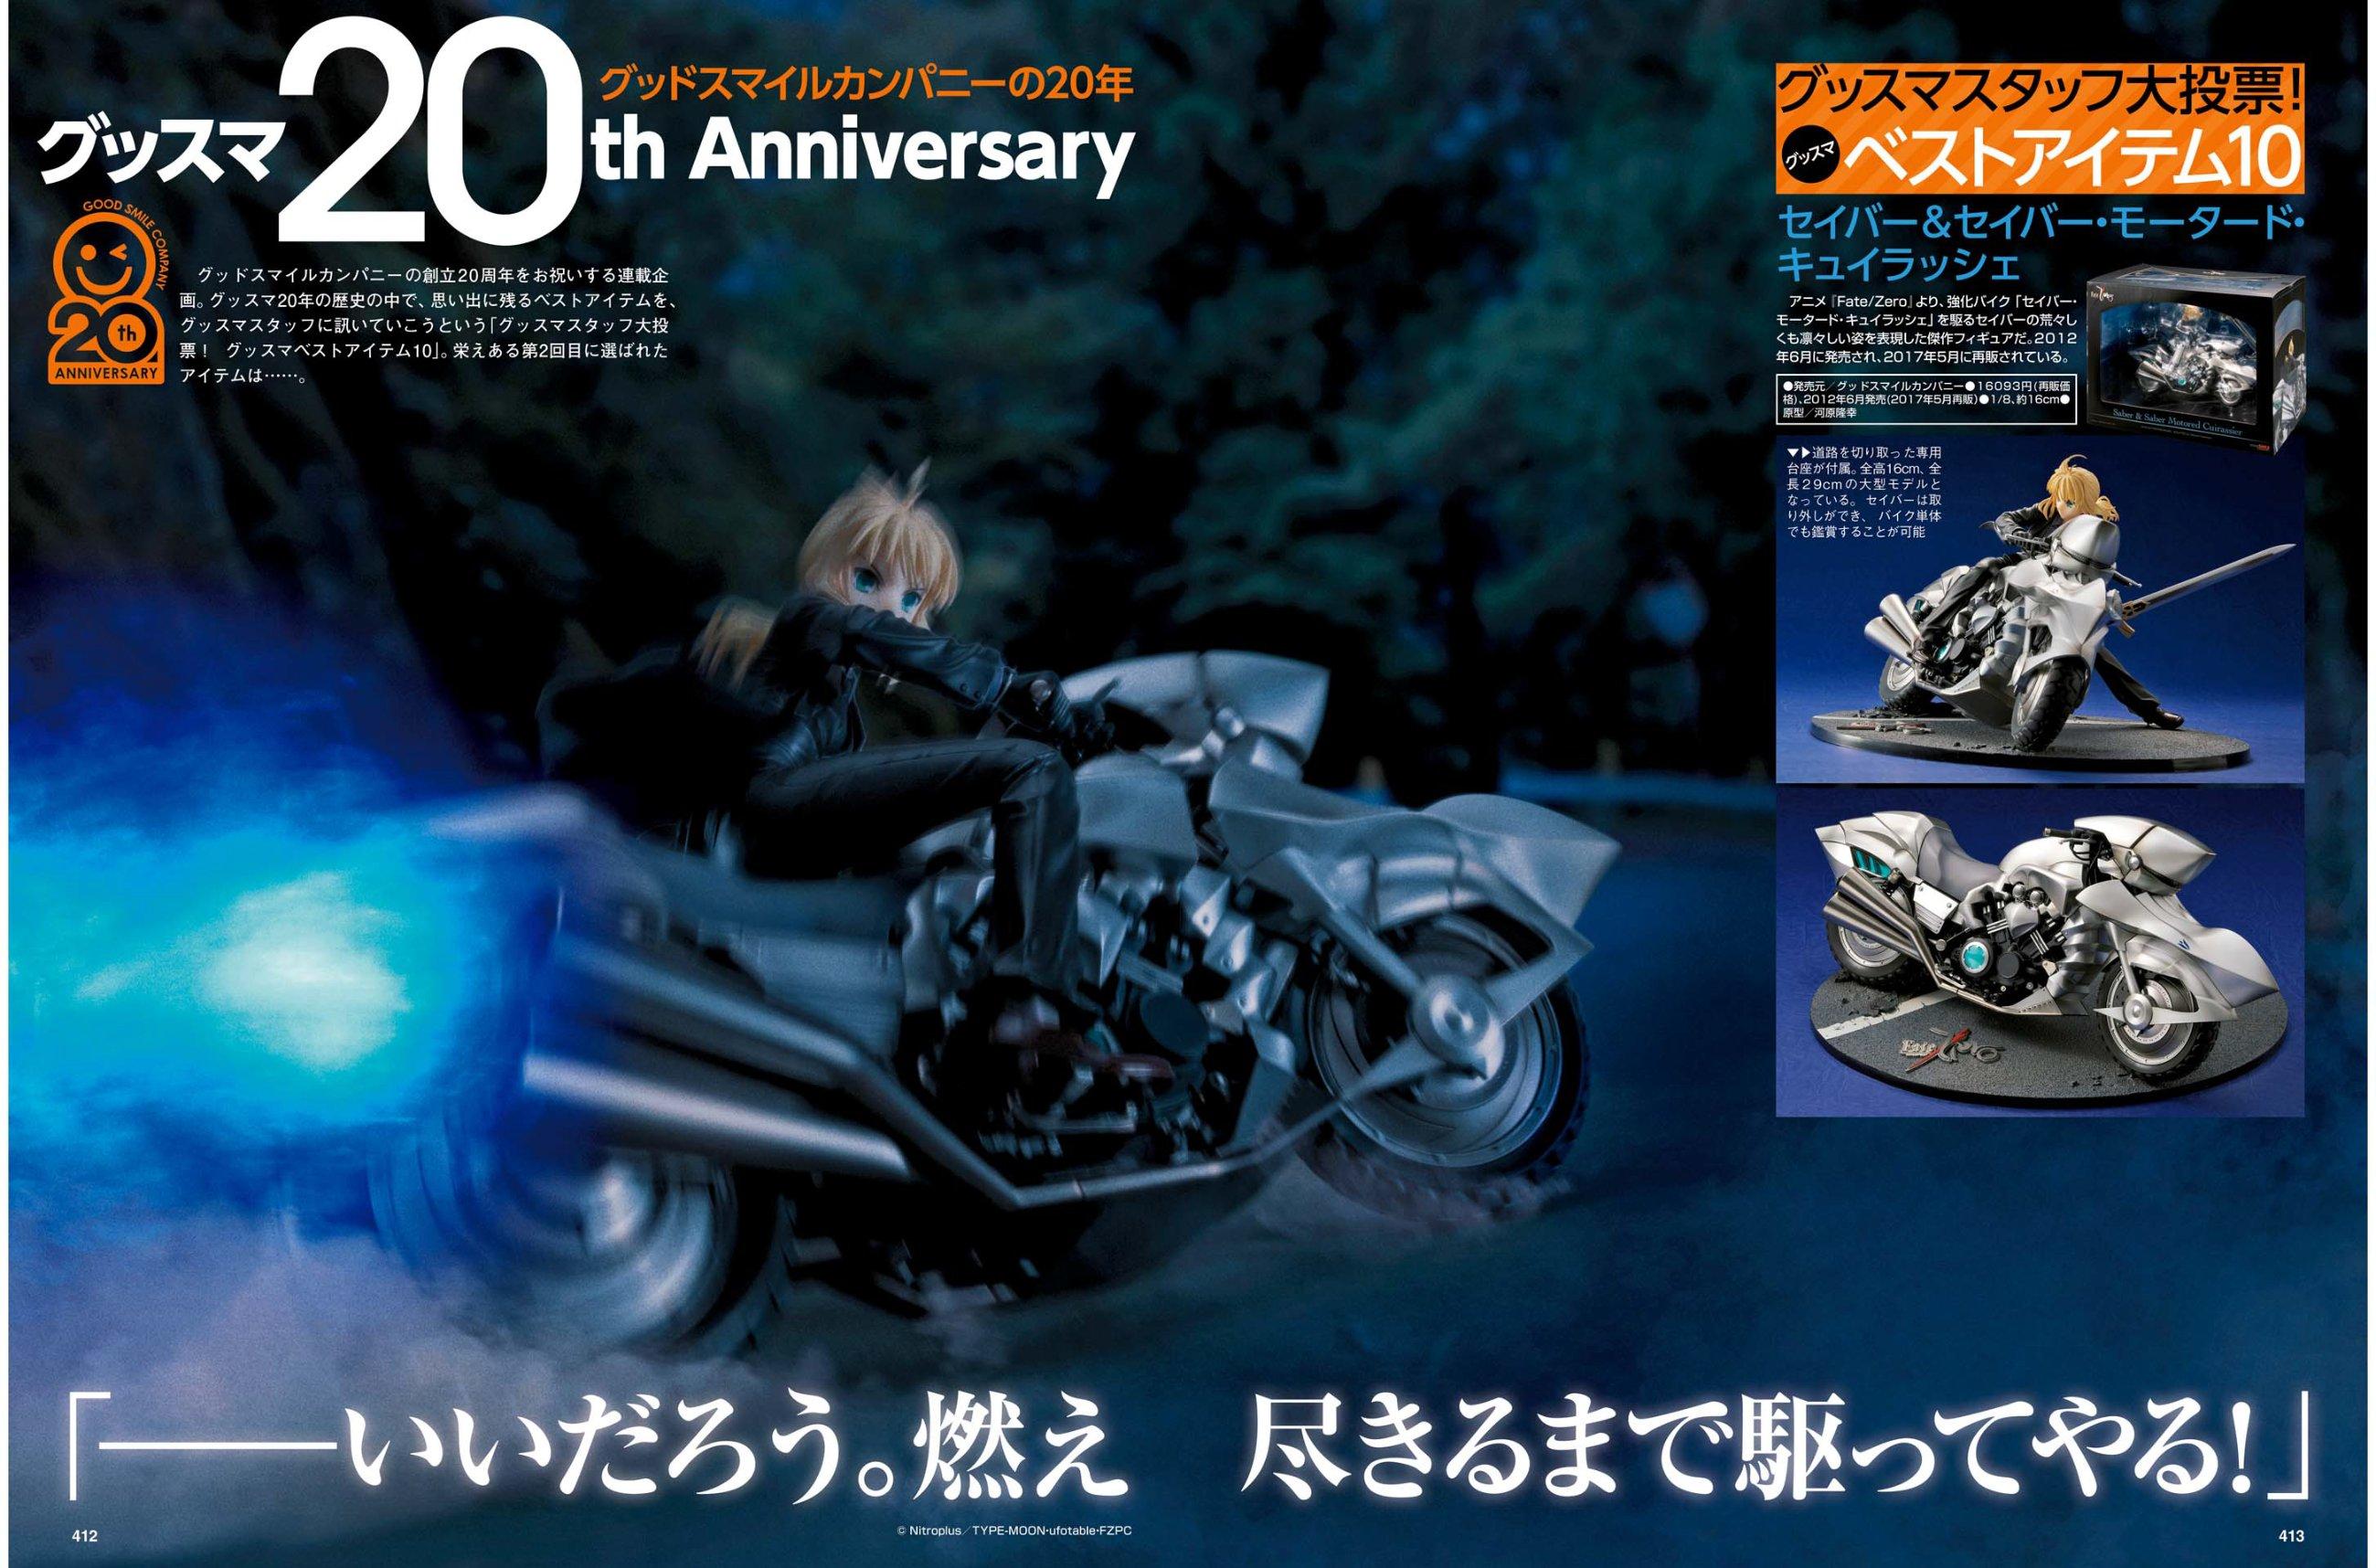 月刊ホビージャパン2021年9月号_413.png